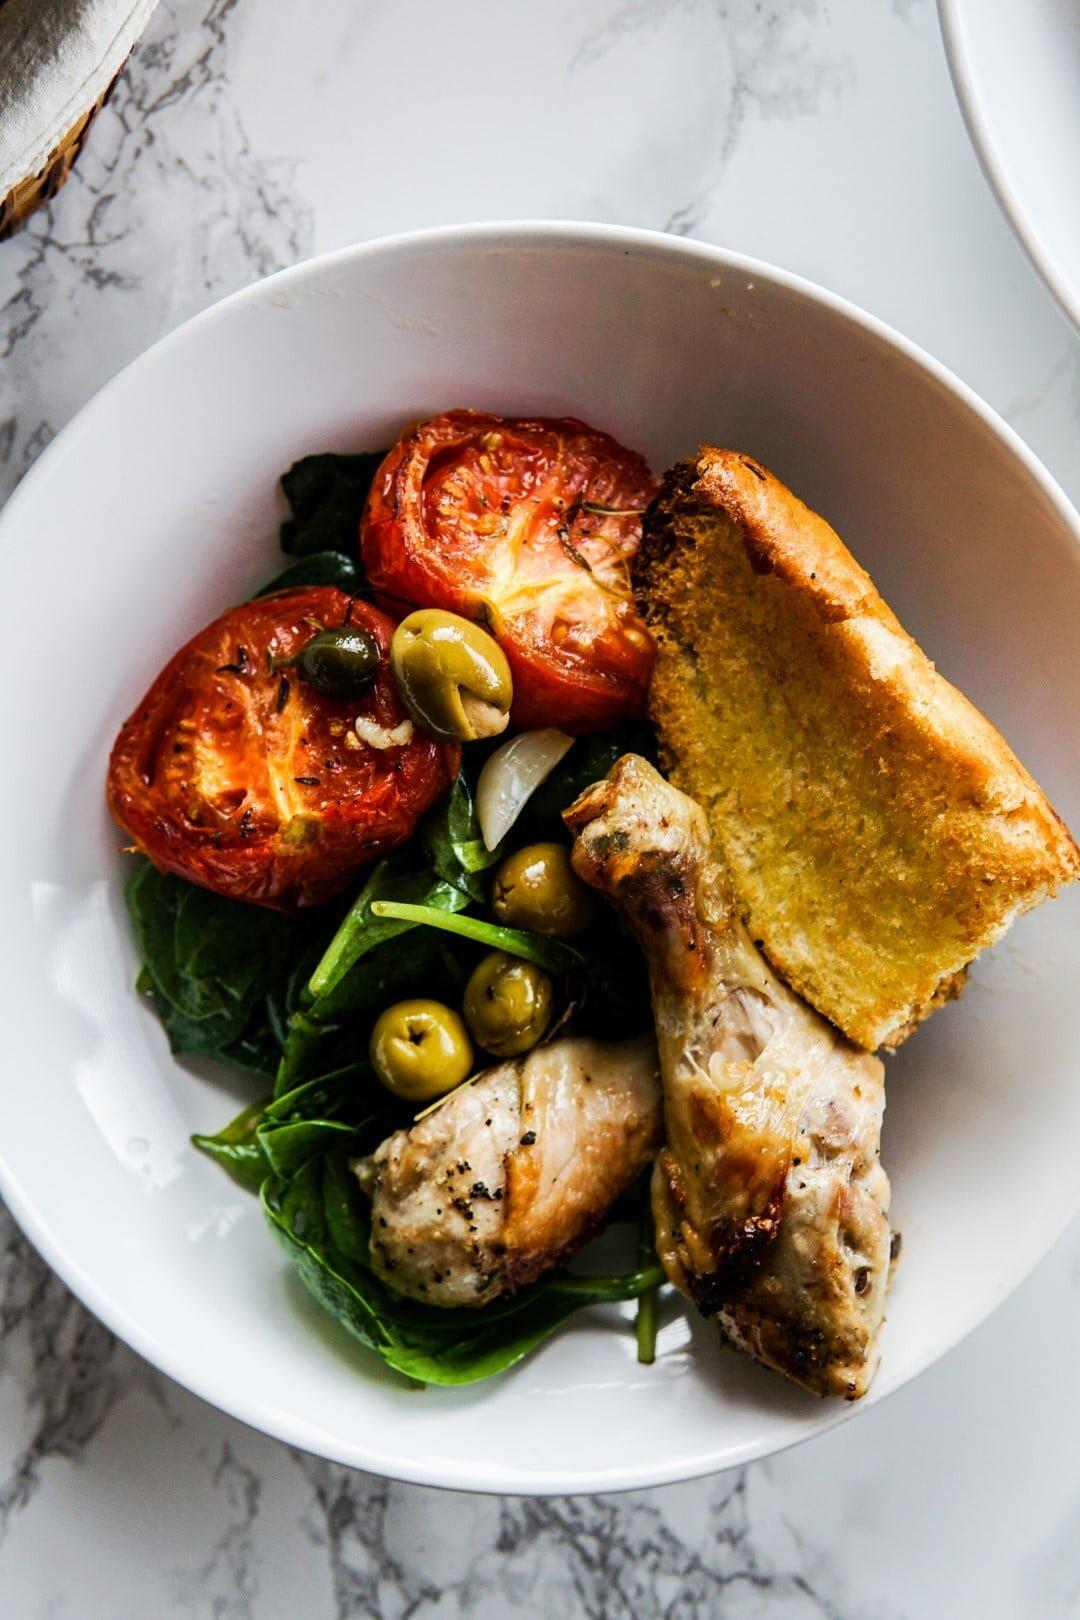 Kurczak pieczony w pomidorach, oliwkach i czosnku 6